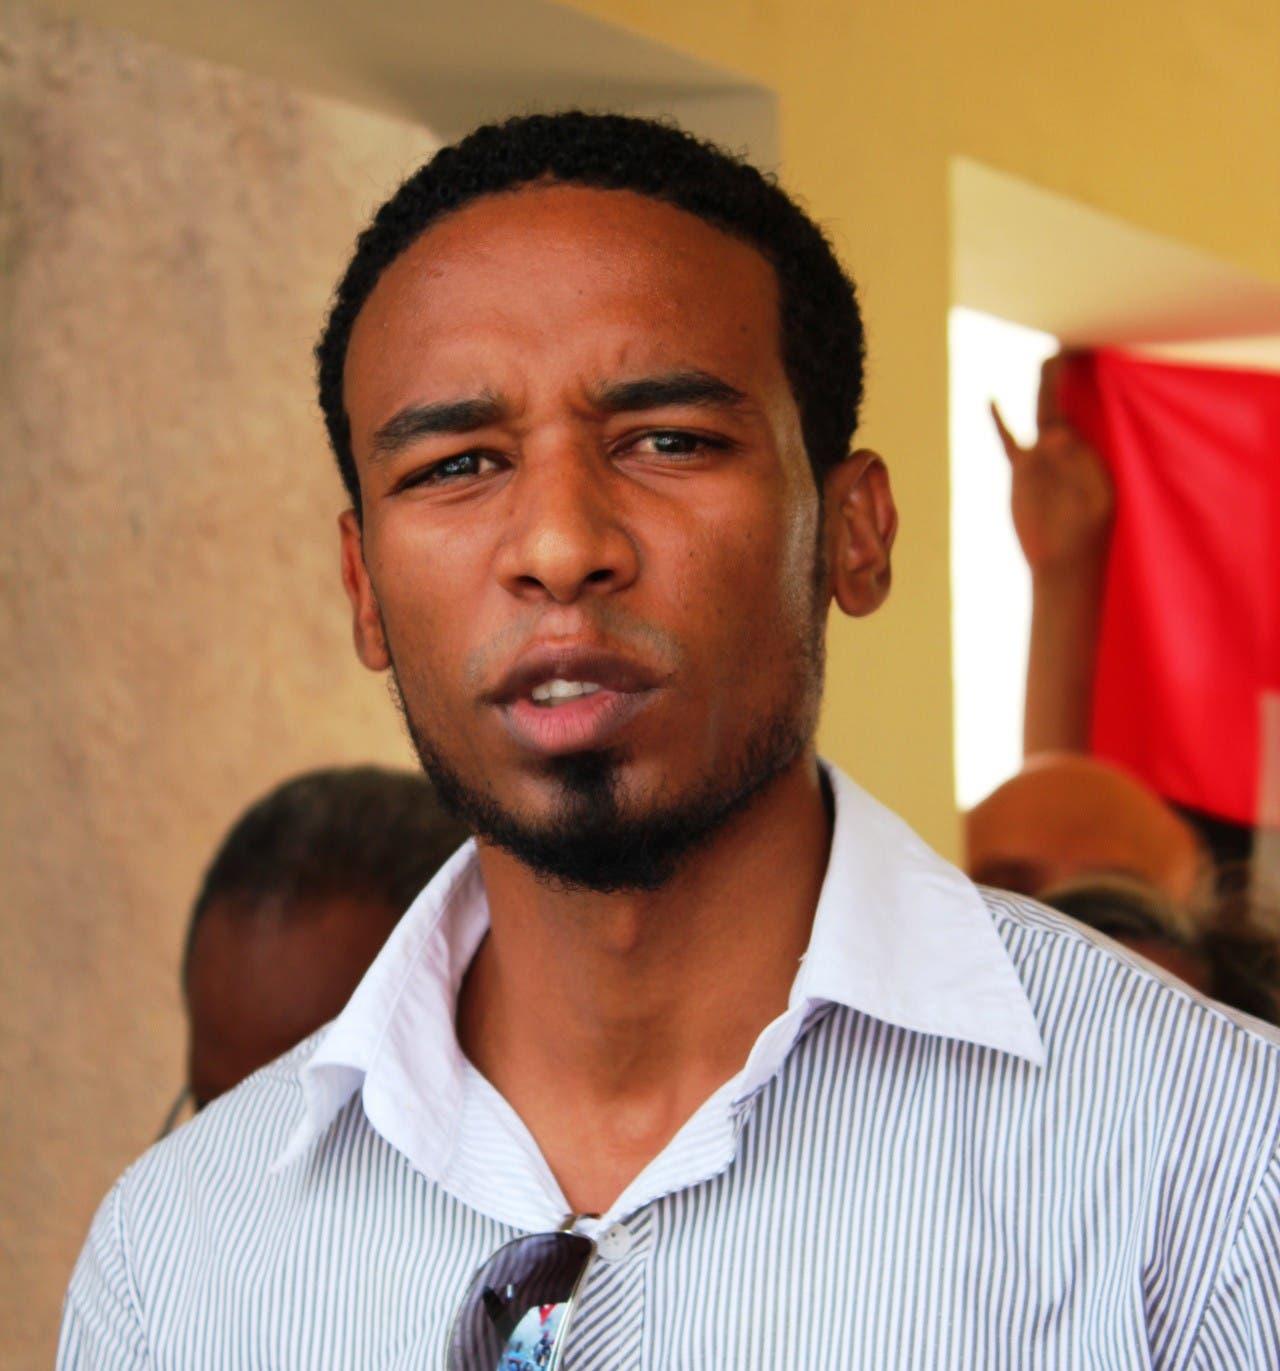 Juventud Duartiana advirtió que si jóvenes que lanzaron excremento a SCJ no son puesto en libertad el Gobierno será responsable de ola de protesta